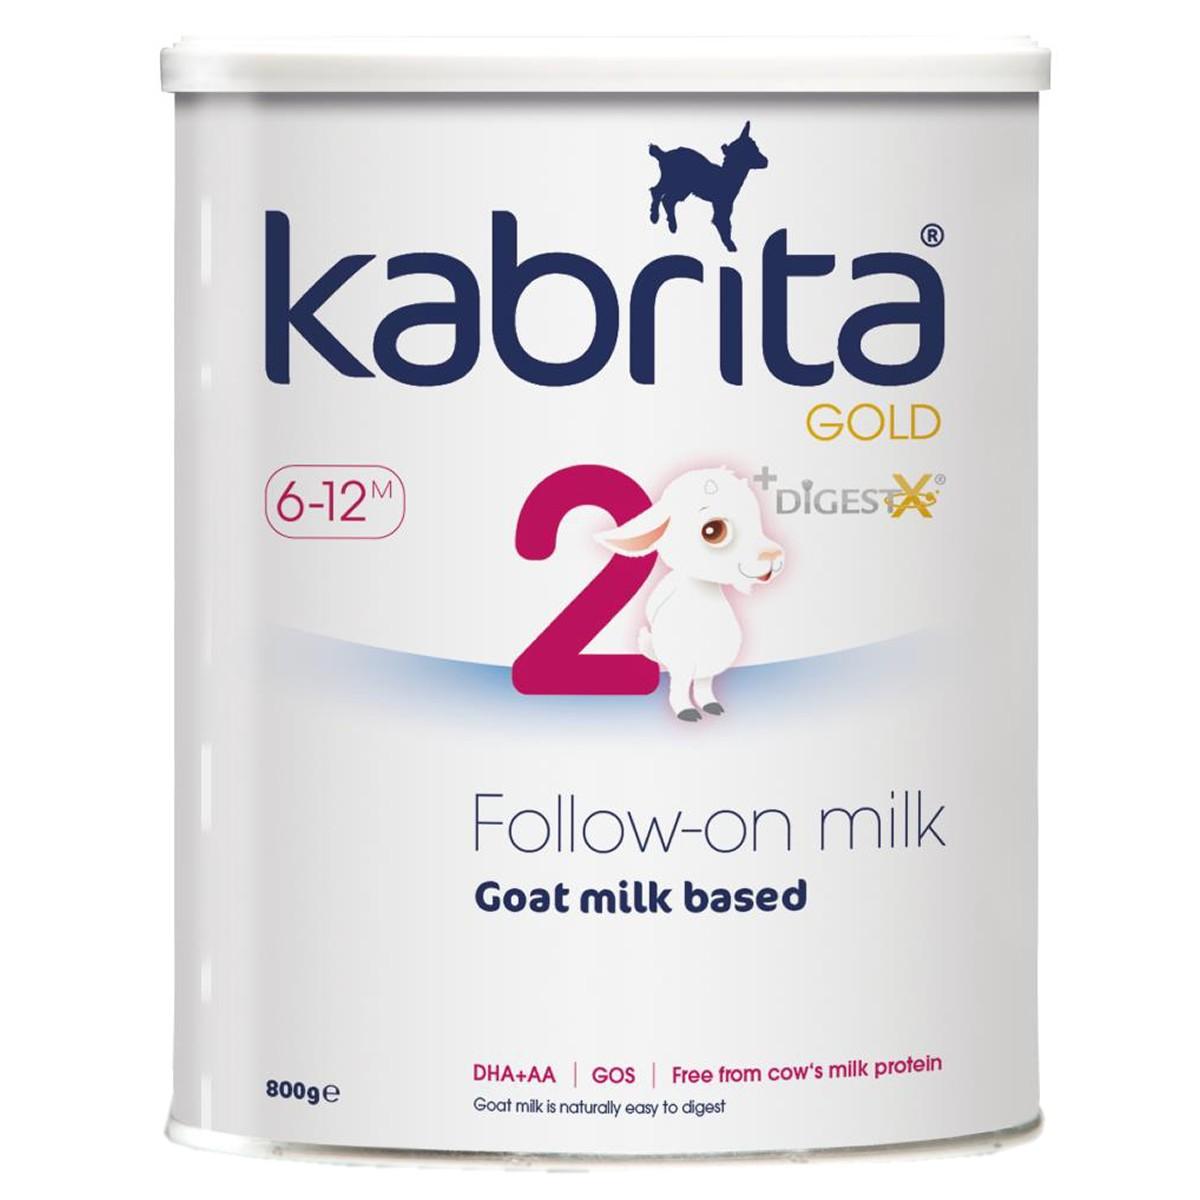 Kabrita Goats Infant Milk Stage 2